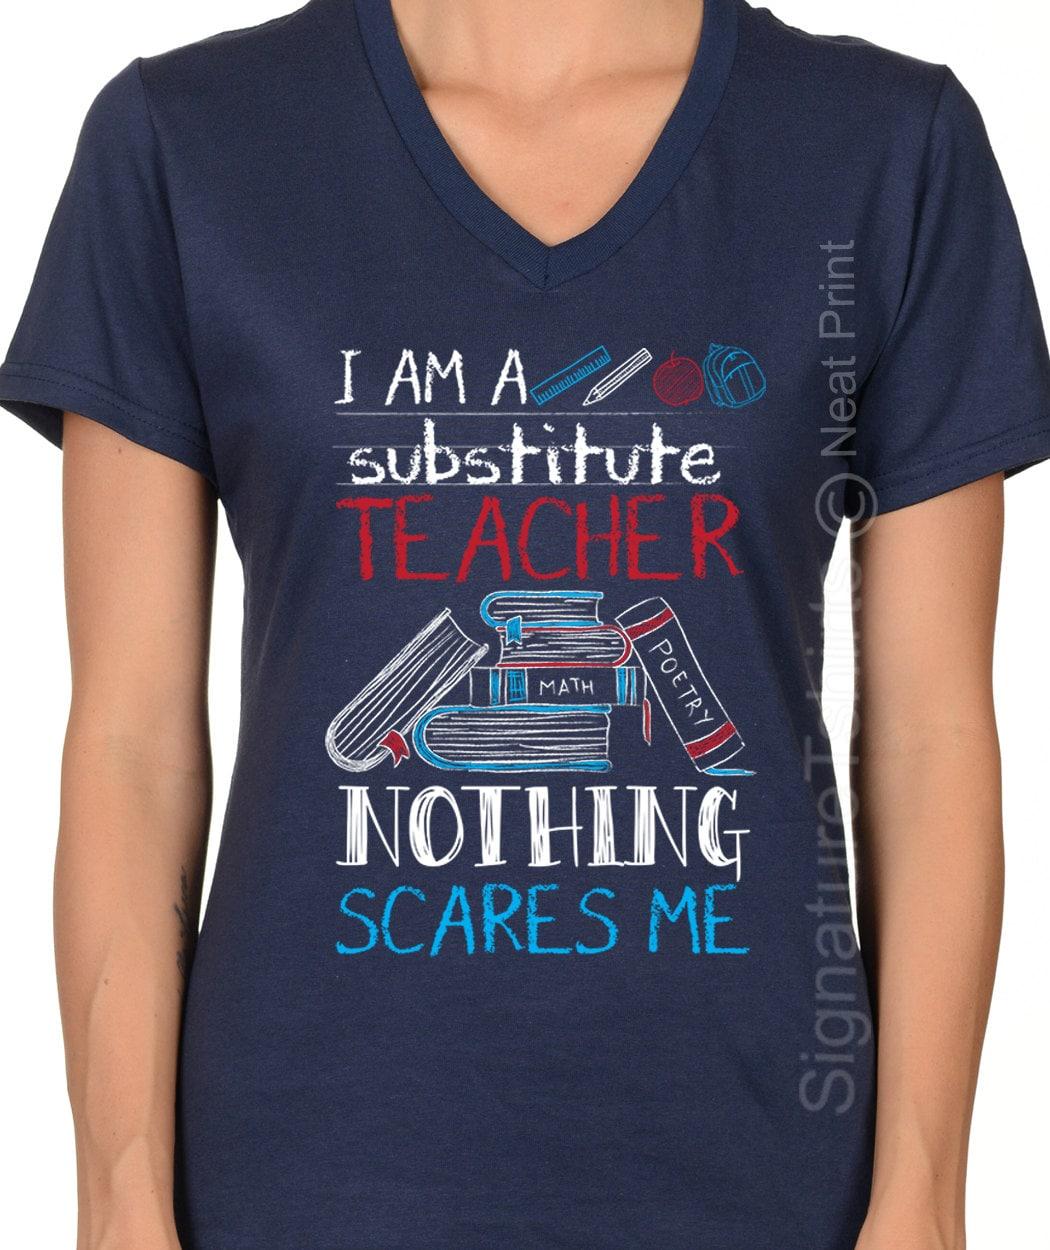 Lehrer-Geschenk lustige Geschenk für Lehrer-T-Shirt Damen   Etsy